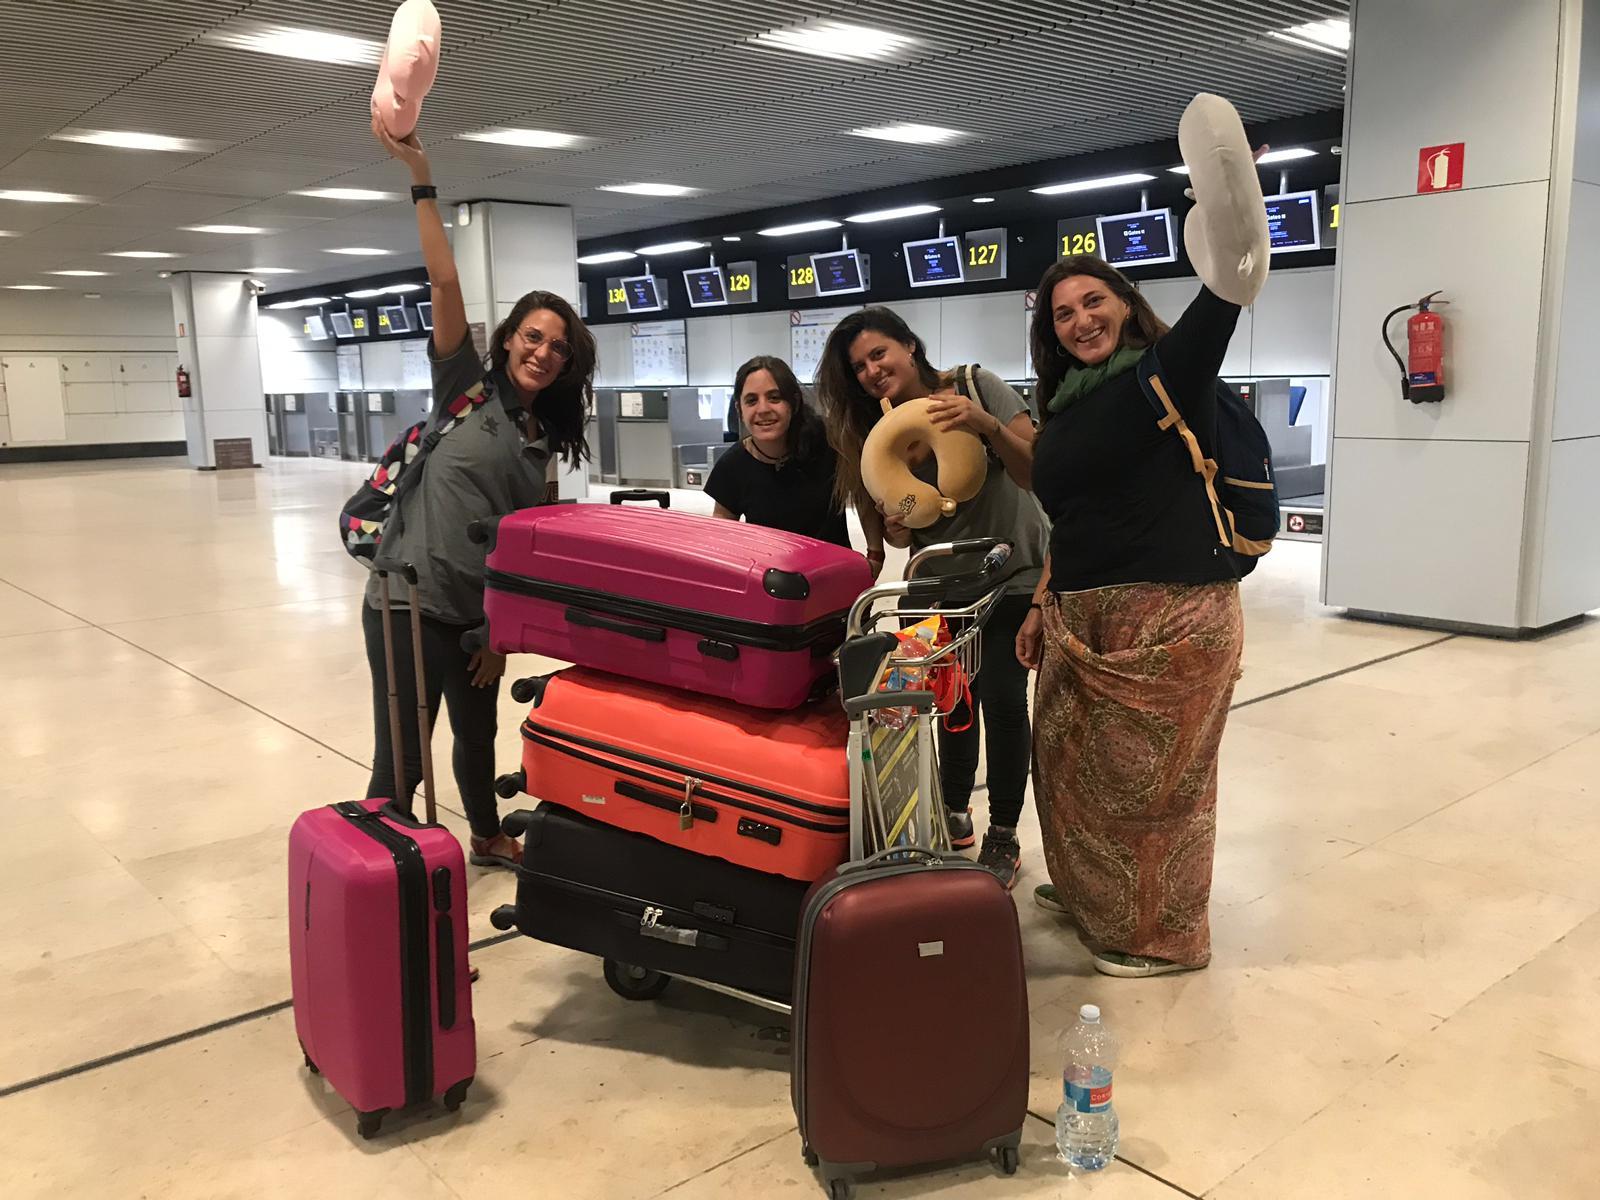 Parten hacia sus destinos las personas voluntarias que viajan en agosto